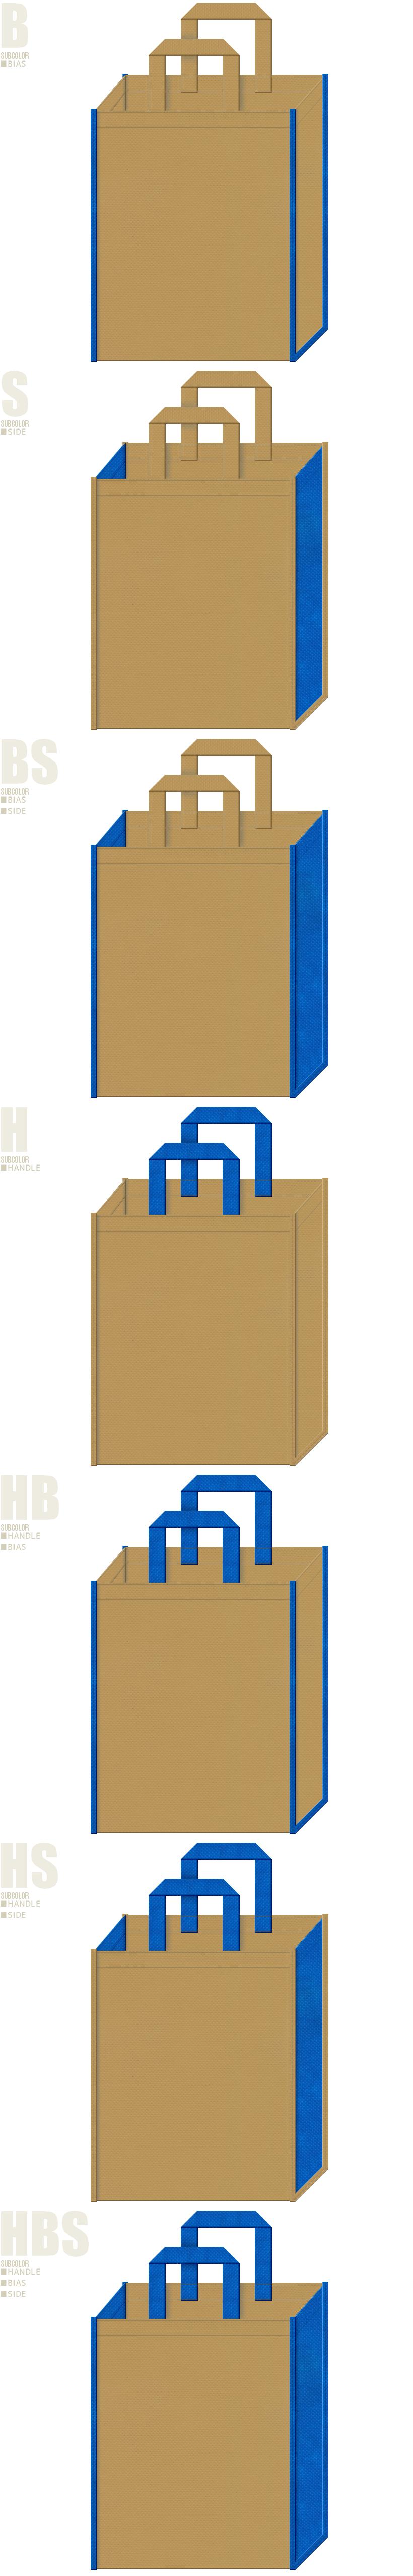 不織布バッグのデザイン:不織布メインカラーNo.23+サブカラーNo.22の2色7パターン